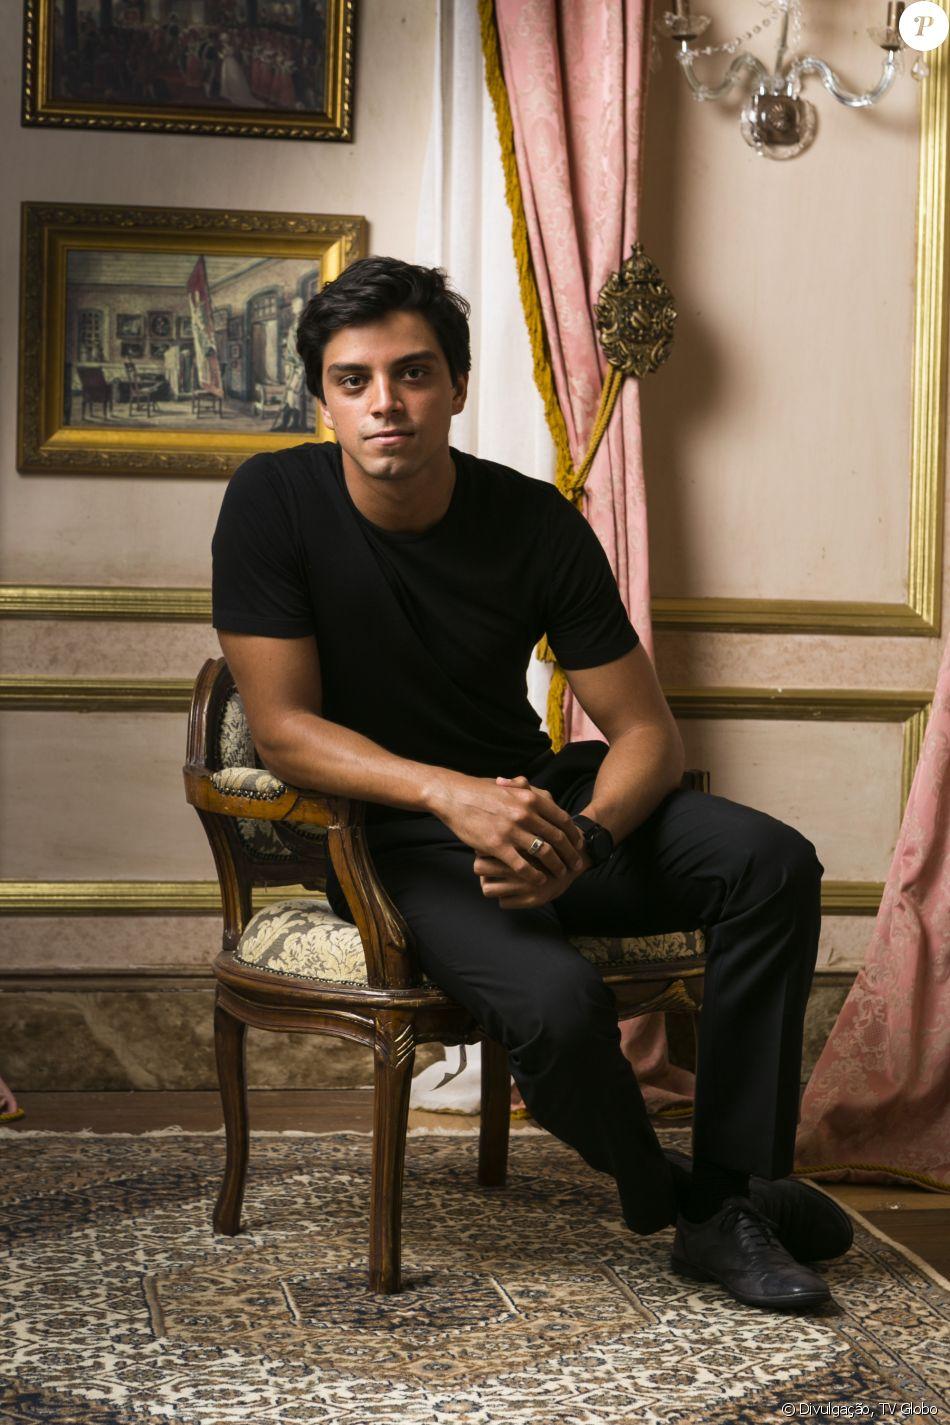 Rodrigo Simas interpreta Piatã, indígena criado por europeus na novela 'Novo Mundo', próxima trama das 18h que estreia no próximo dia 22 de março, na Globo